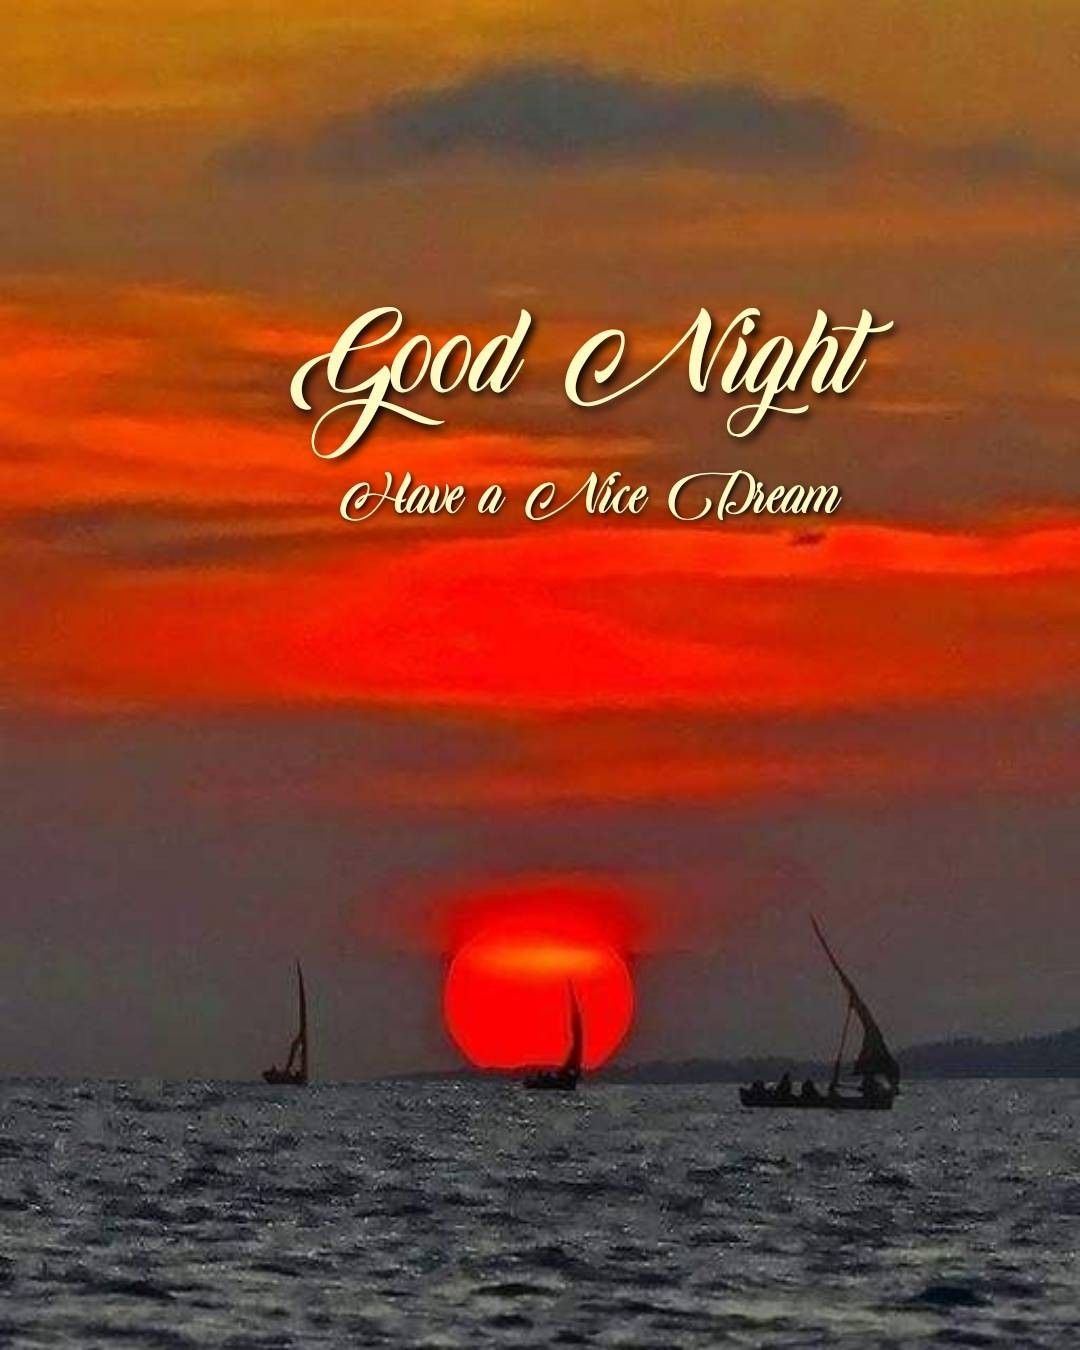 Good night it's right!. Wow... Beautiful sunset!! | Good night beautiful,  Good night messages, Good night image